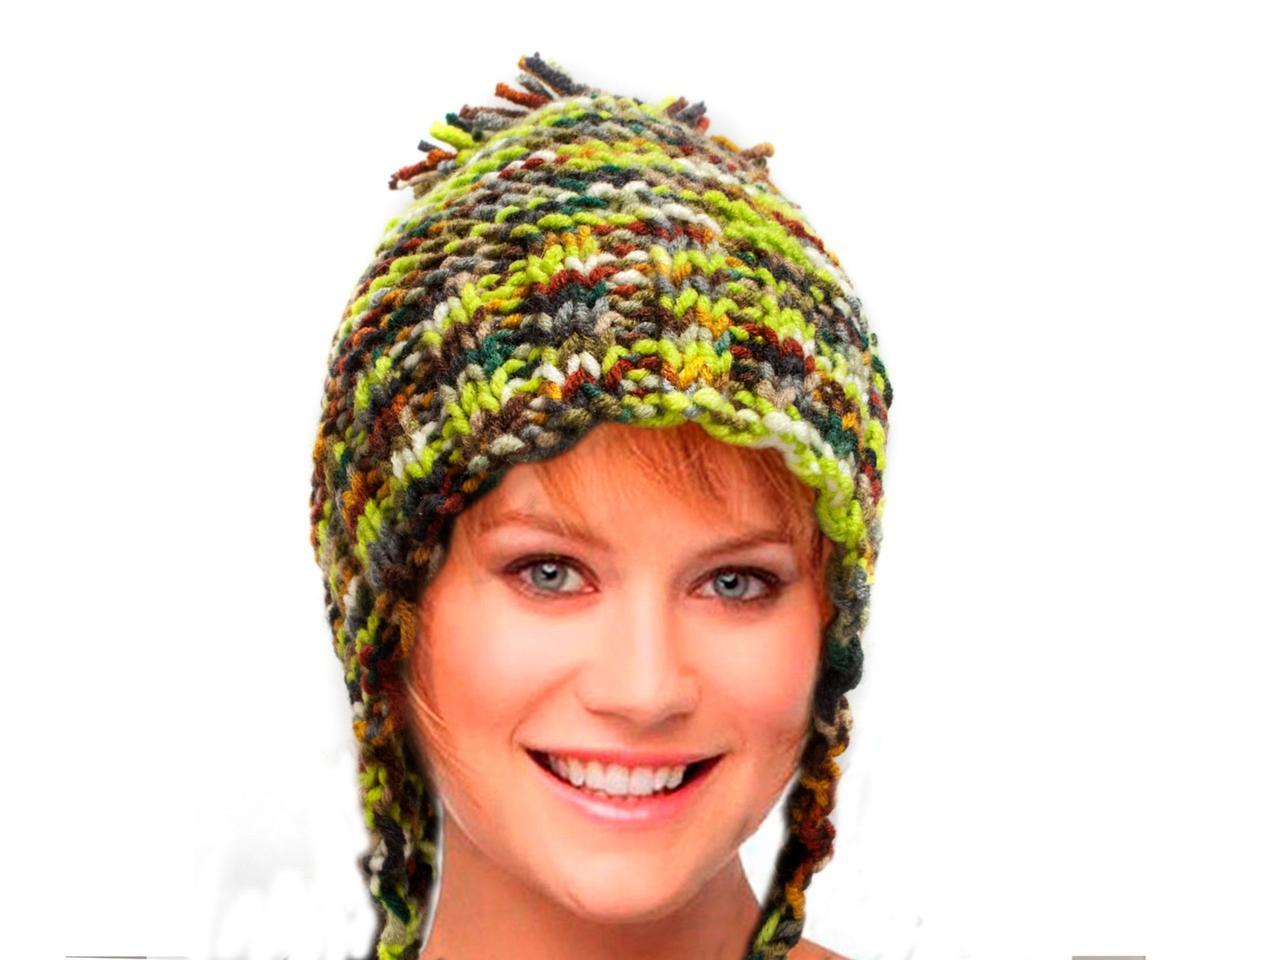 Шапка, женская вязаная шапка, мужская шапка, Unisex, HandMade шапка, модная стильная шапка